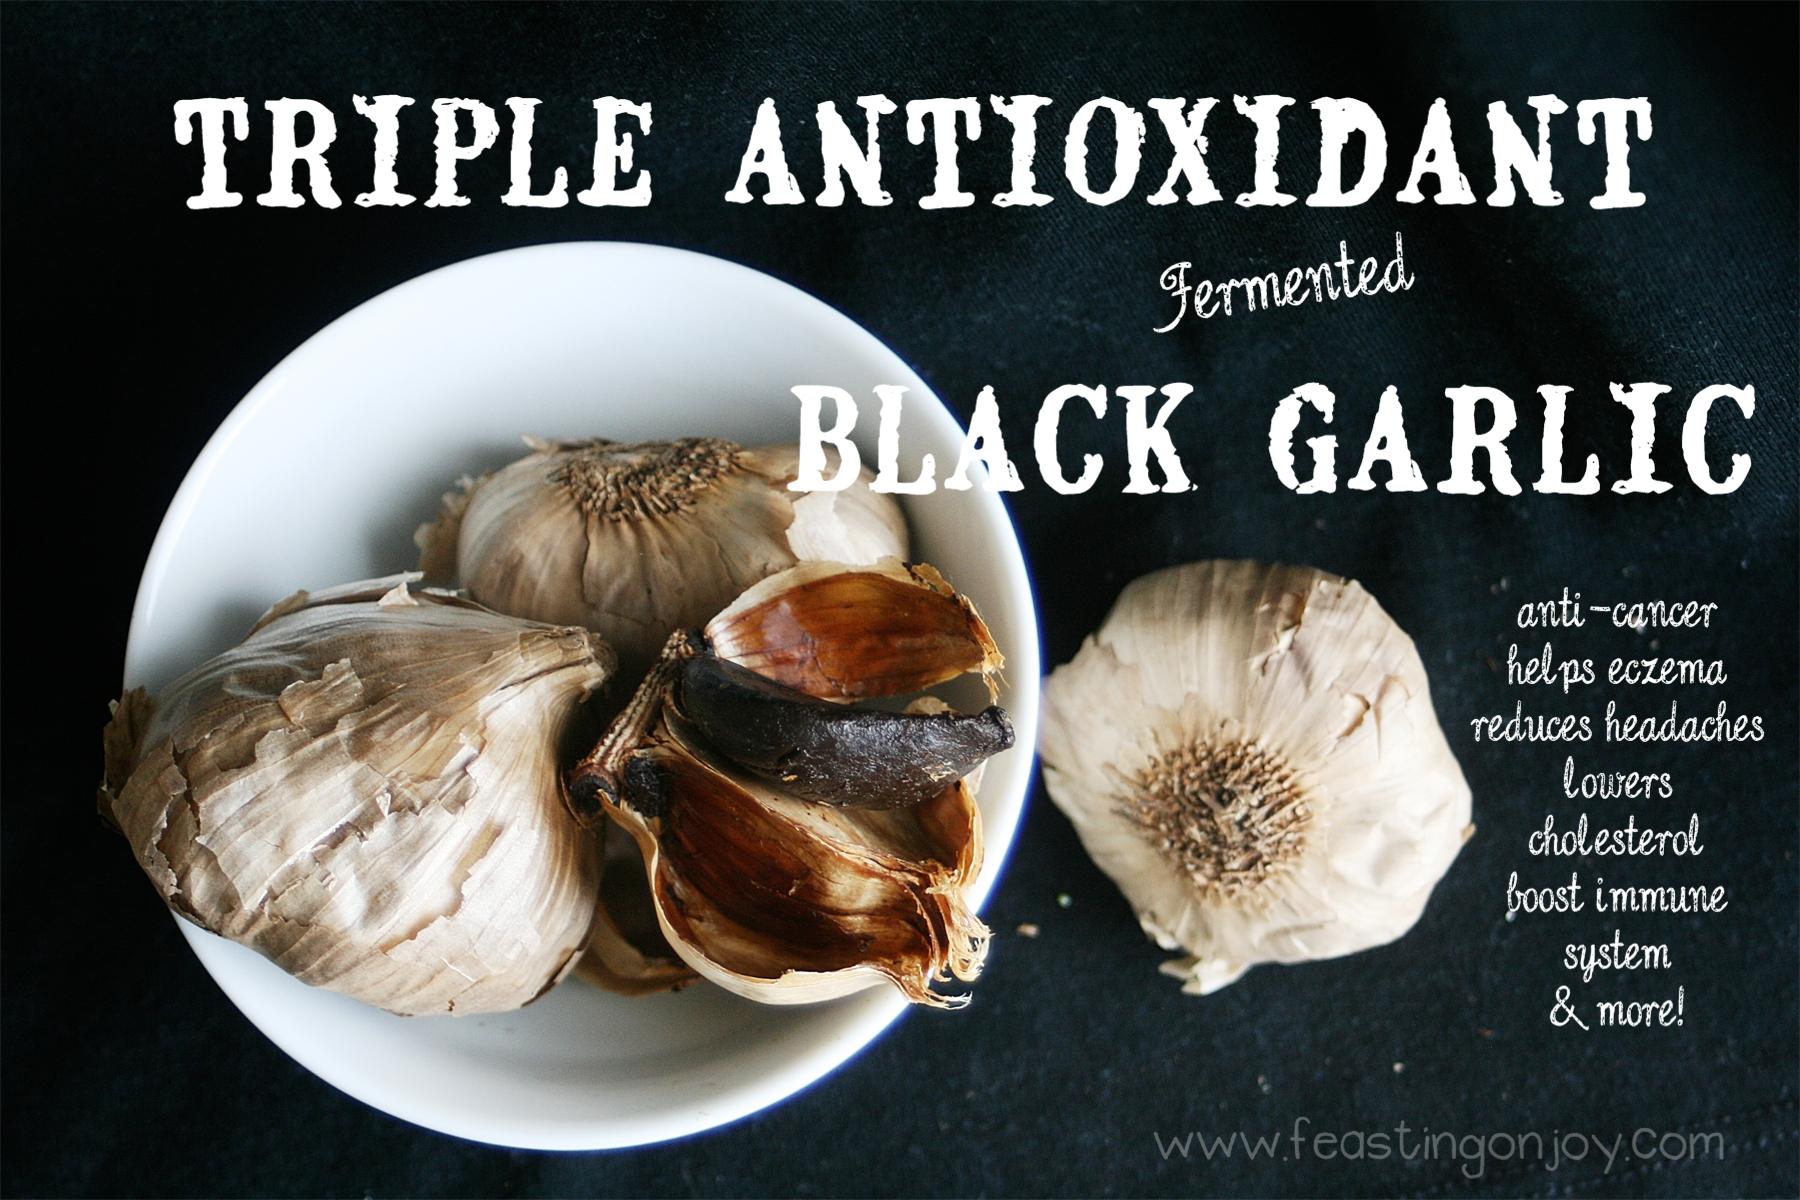 Triple Antioxidant Fermented Black Garlic